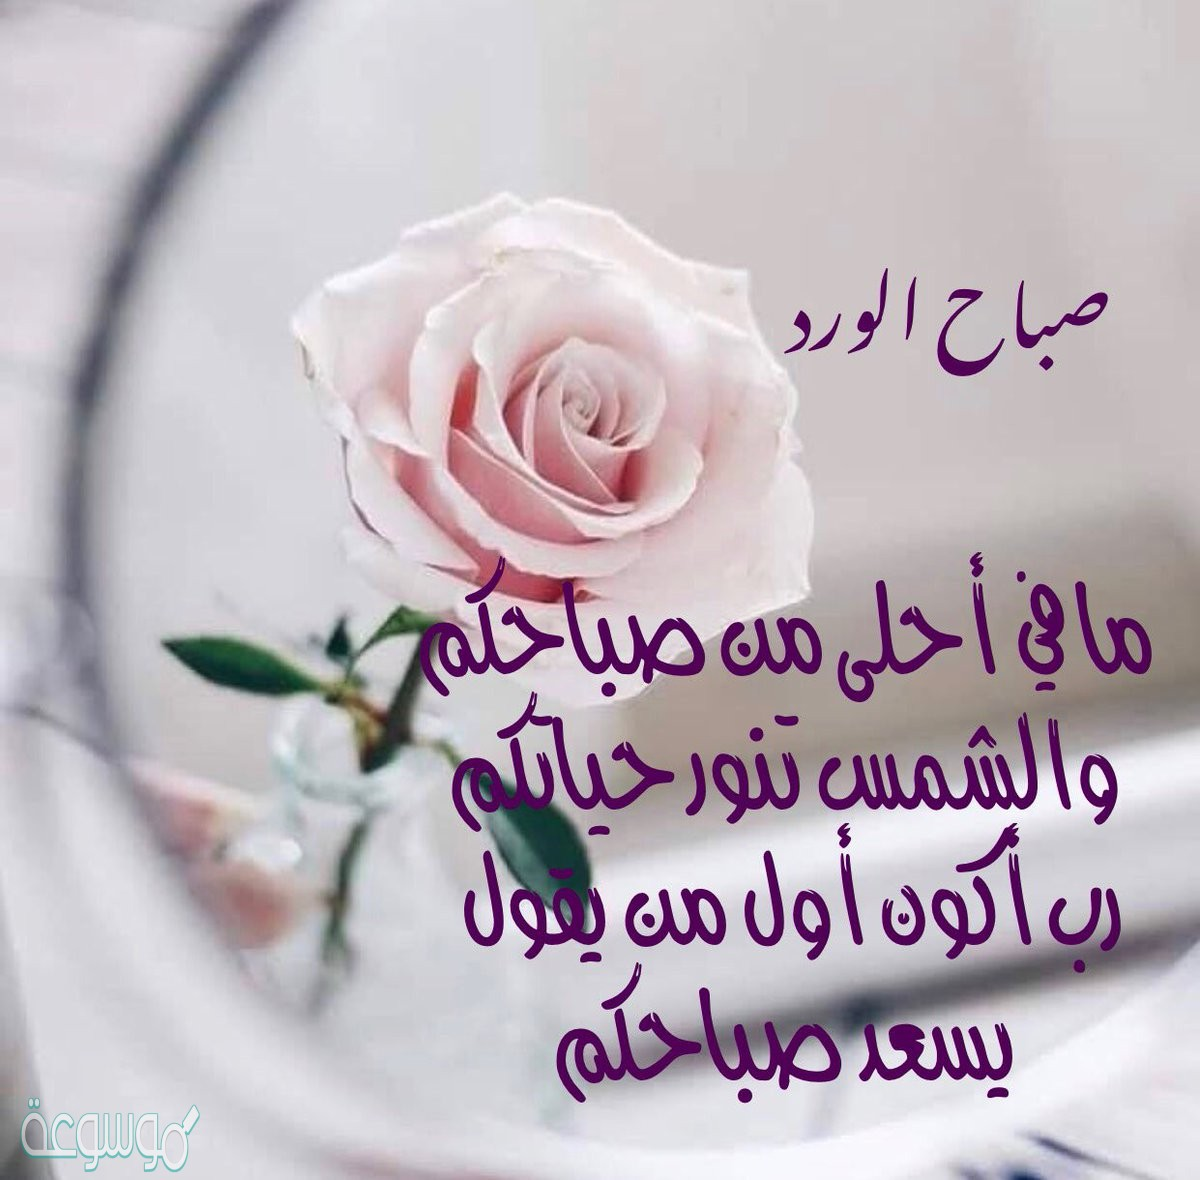 صورة احلى صباح, عباره مفيده للصباح 2160 5